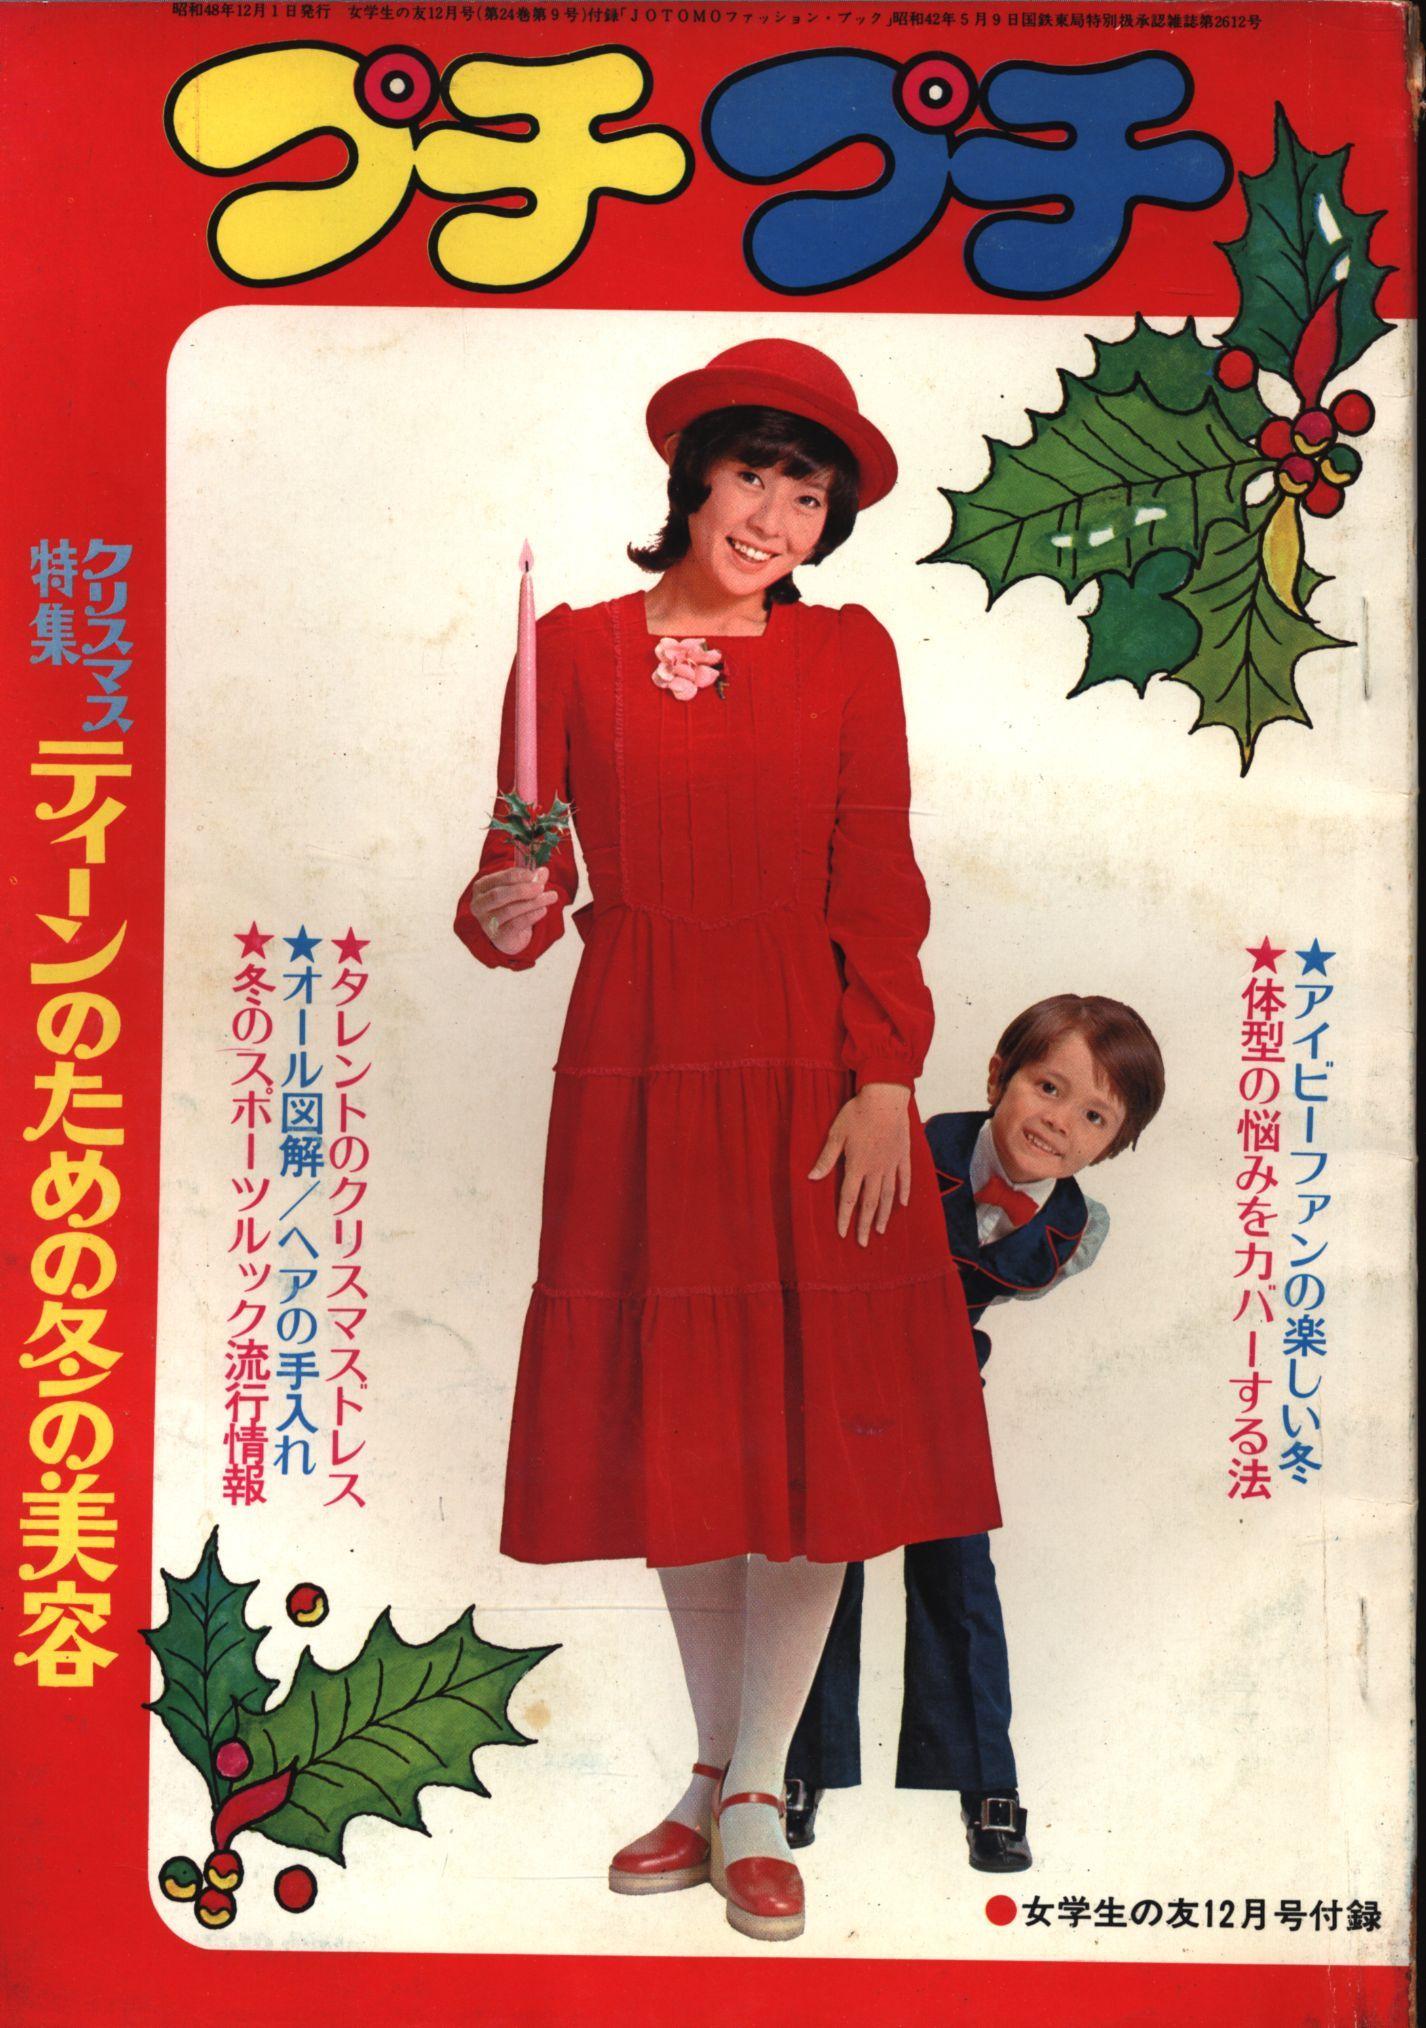 女学生の友 1974年12月号 付録 プチプチ JOTOMOファッション